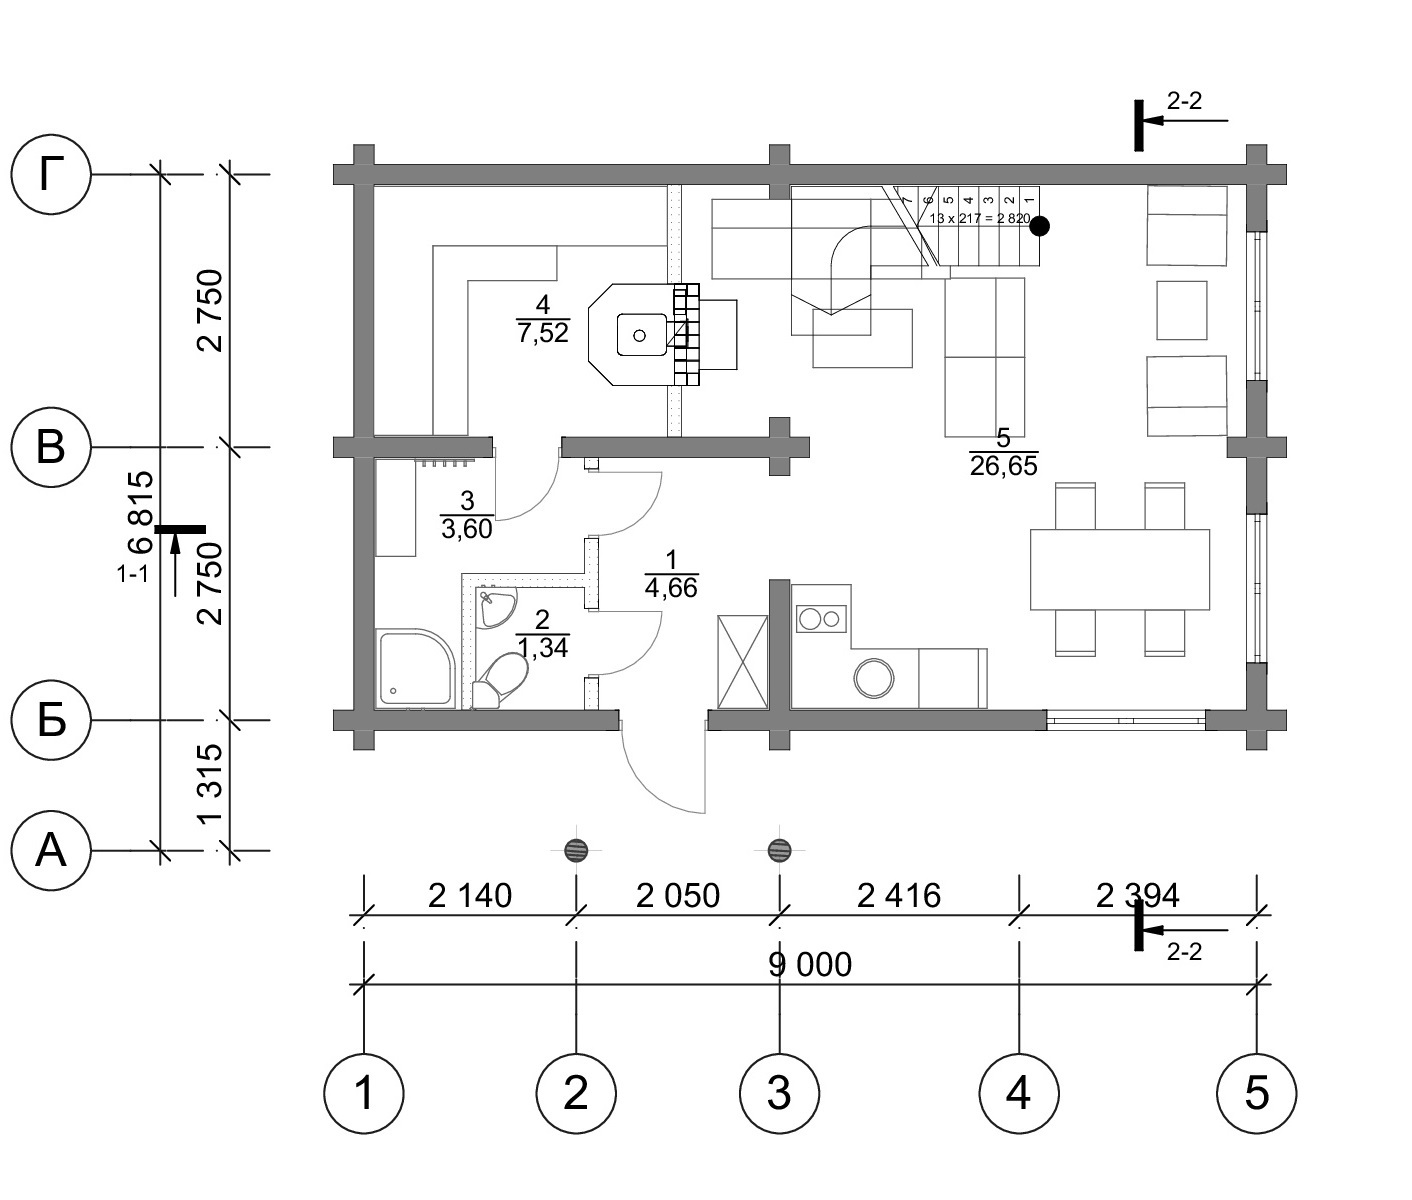 План второго этажа Ingolstadt BAN(Баня Ингольштадт)